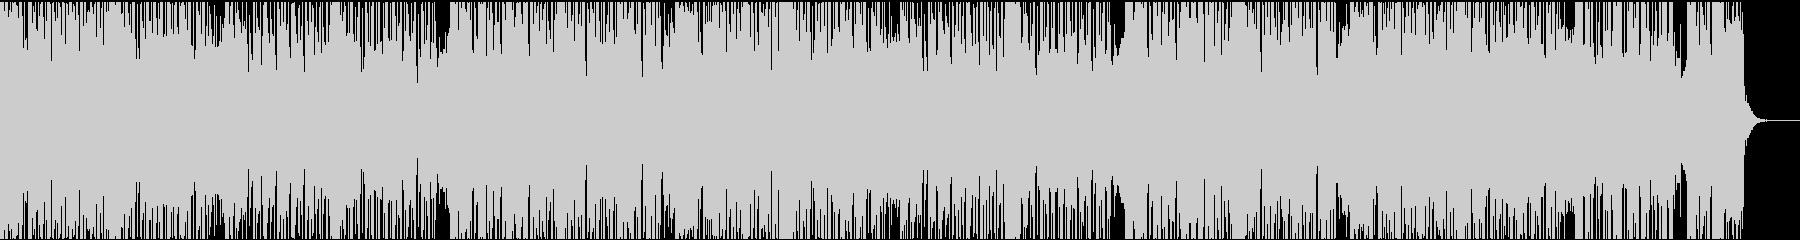 ダークなエレクトロの未再生の波形